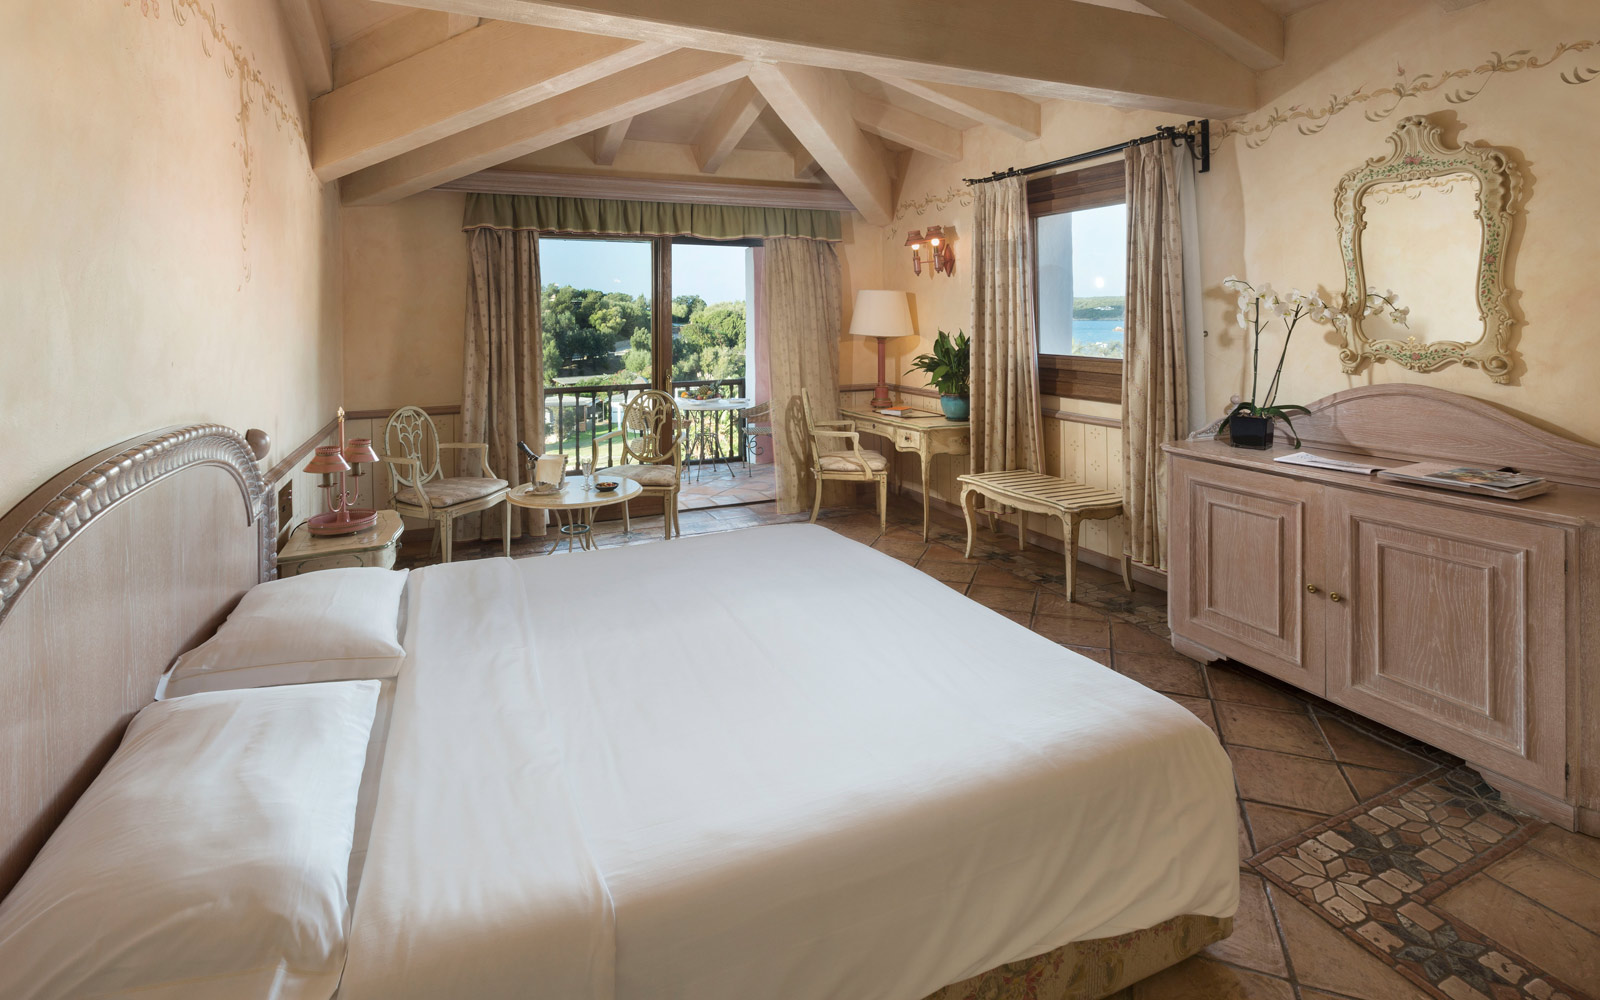 Junior Suite at Le Palme